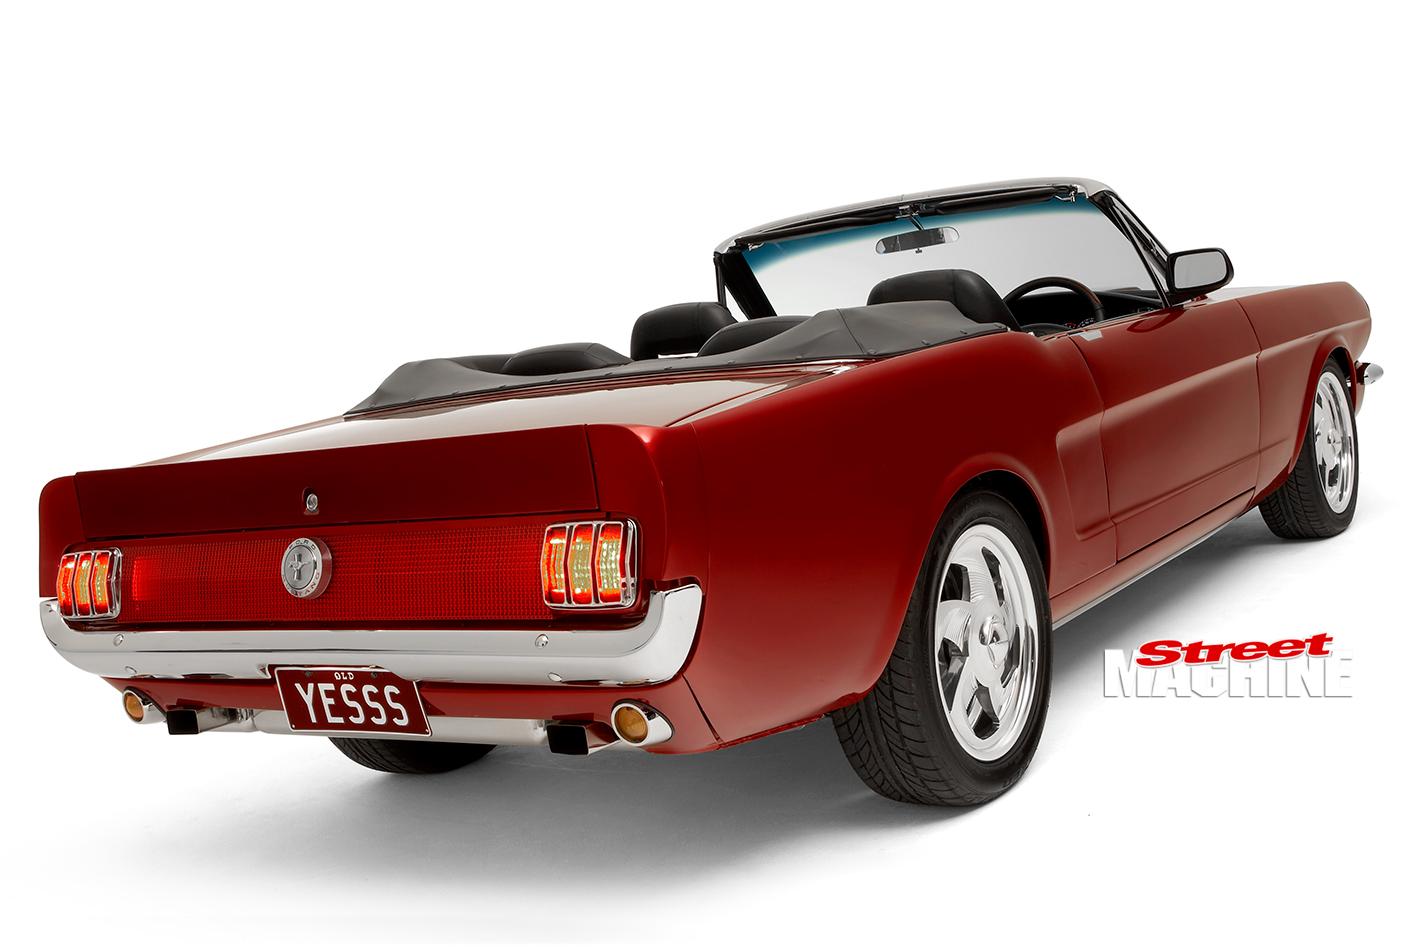 Marshall -Perron -Pro -Touring -Mustang -side -angle